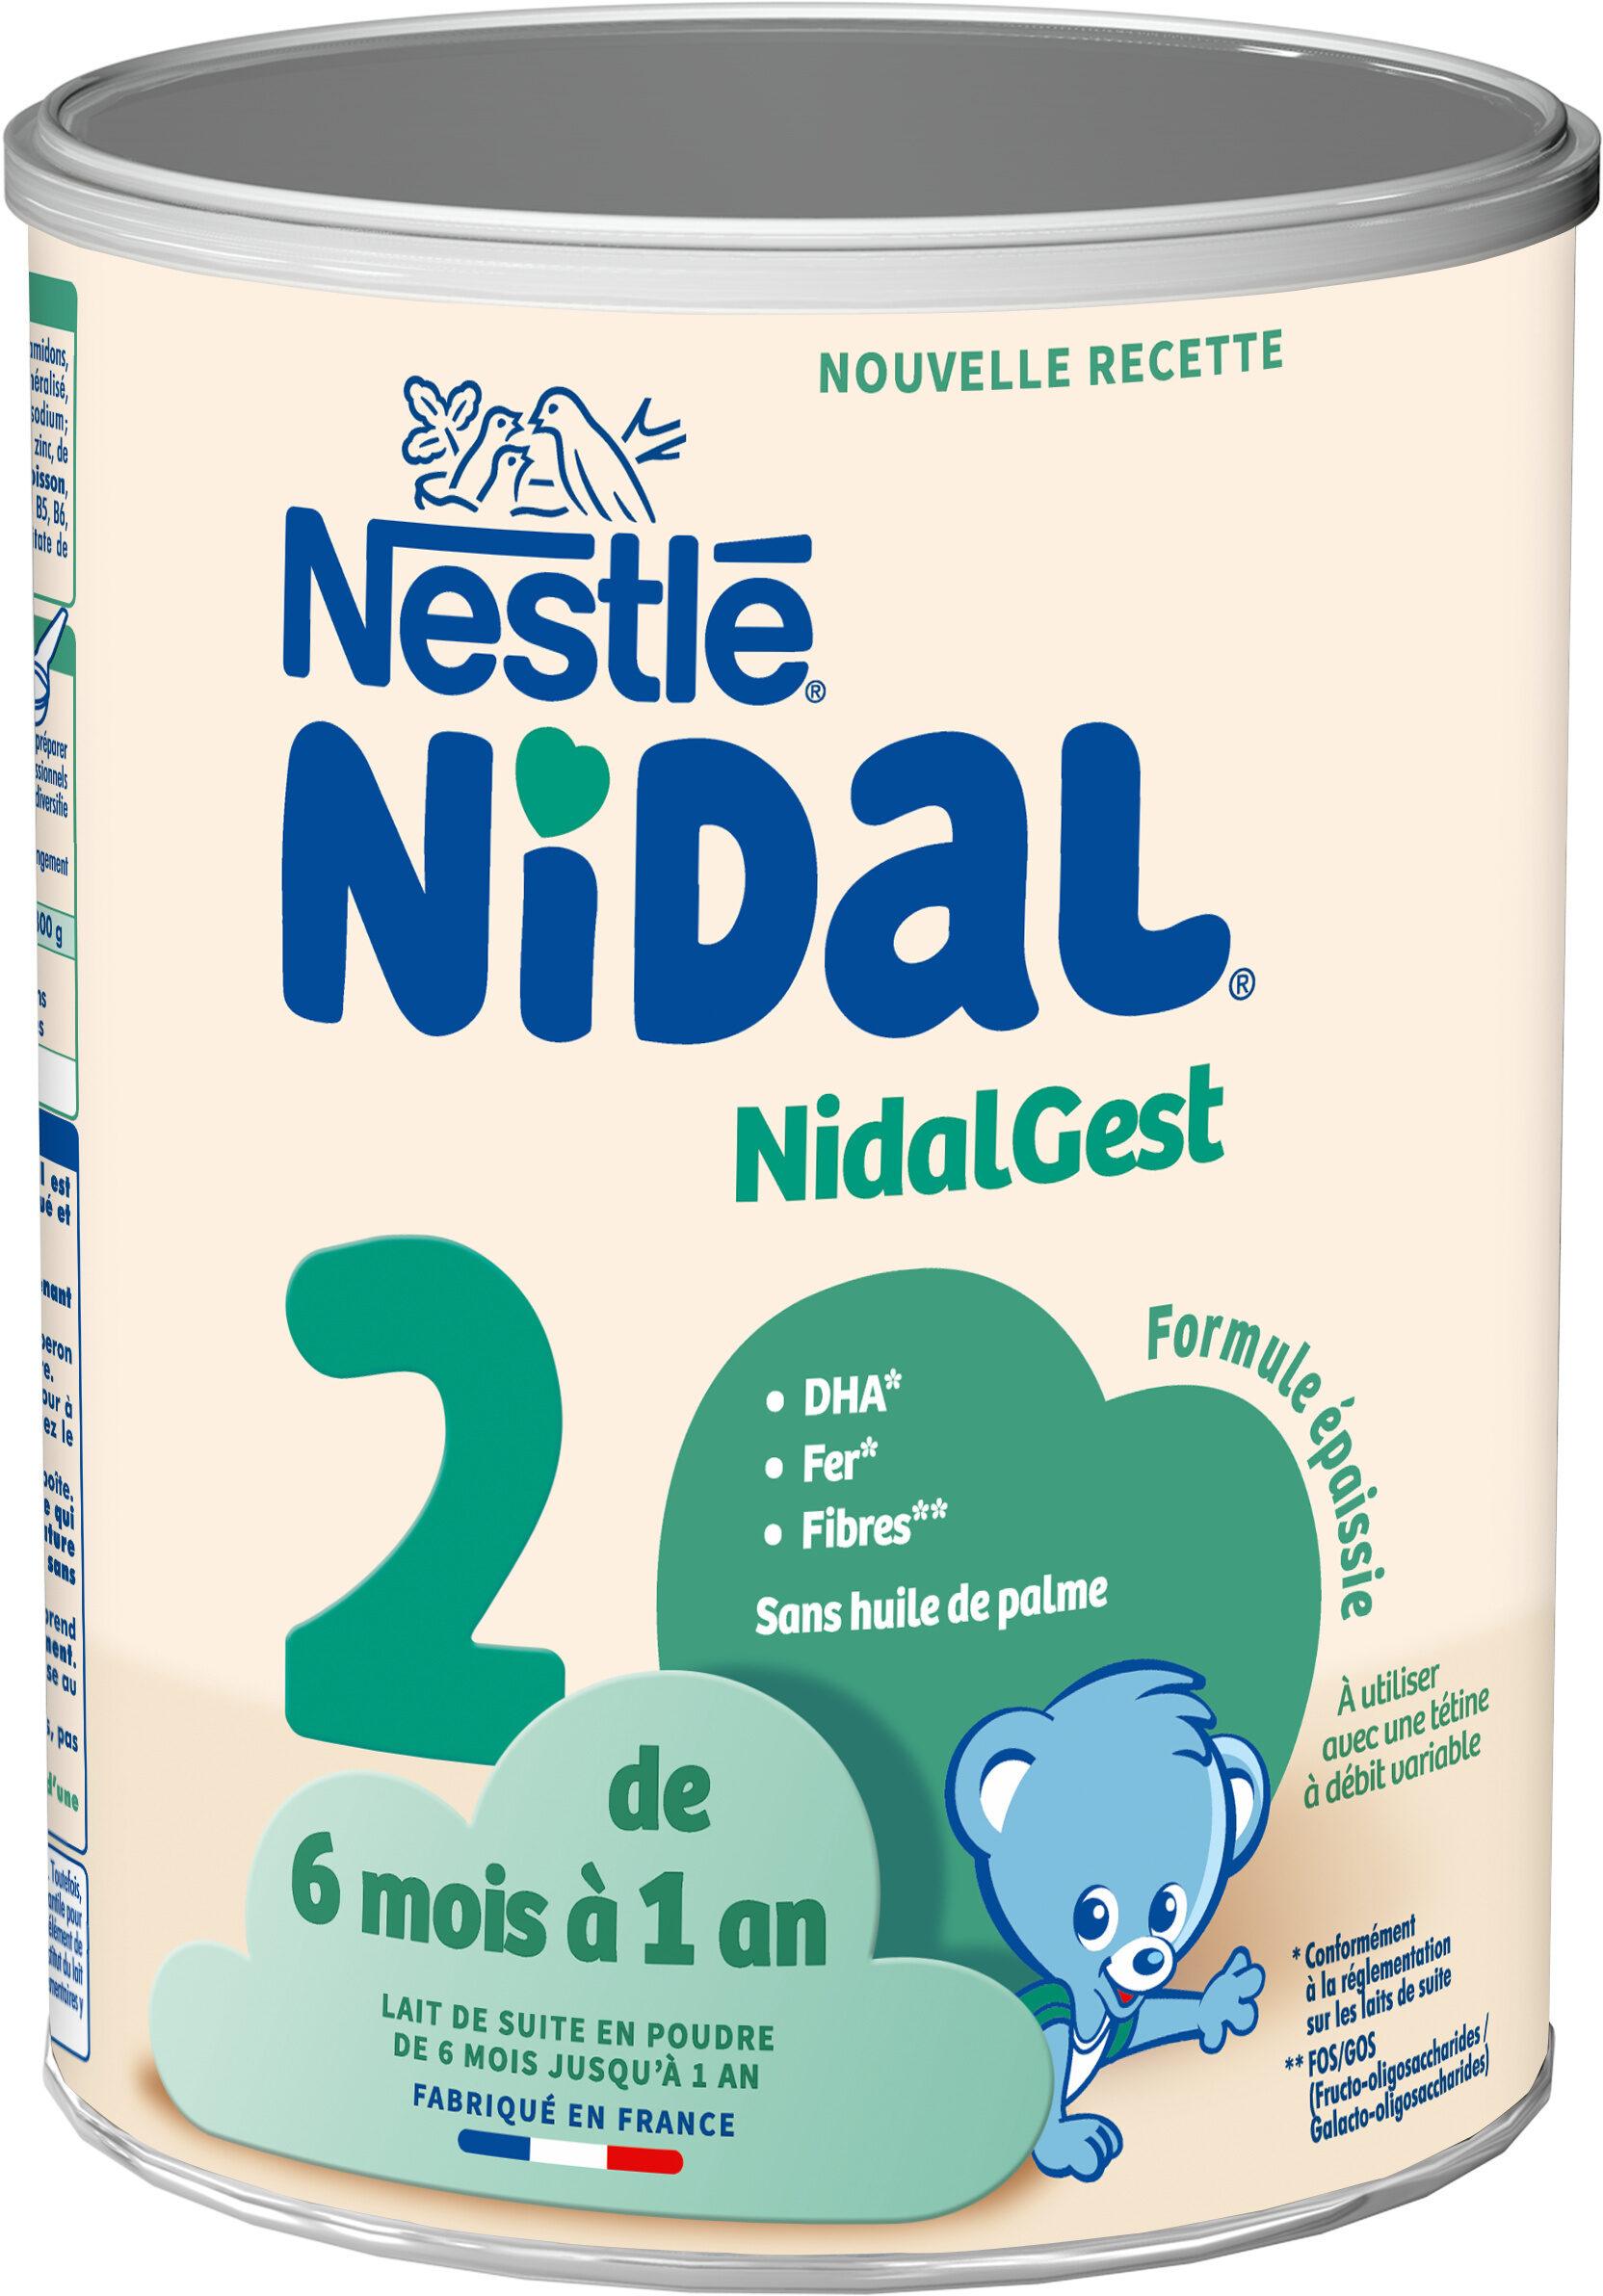 NESTLE NIDAL NidalGest 2 Lait de suite 2ème âge 800g dès 6 mois - Product - fr